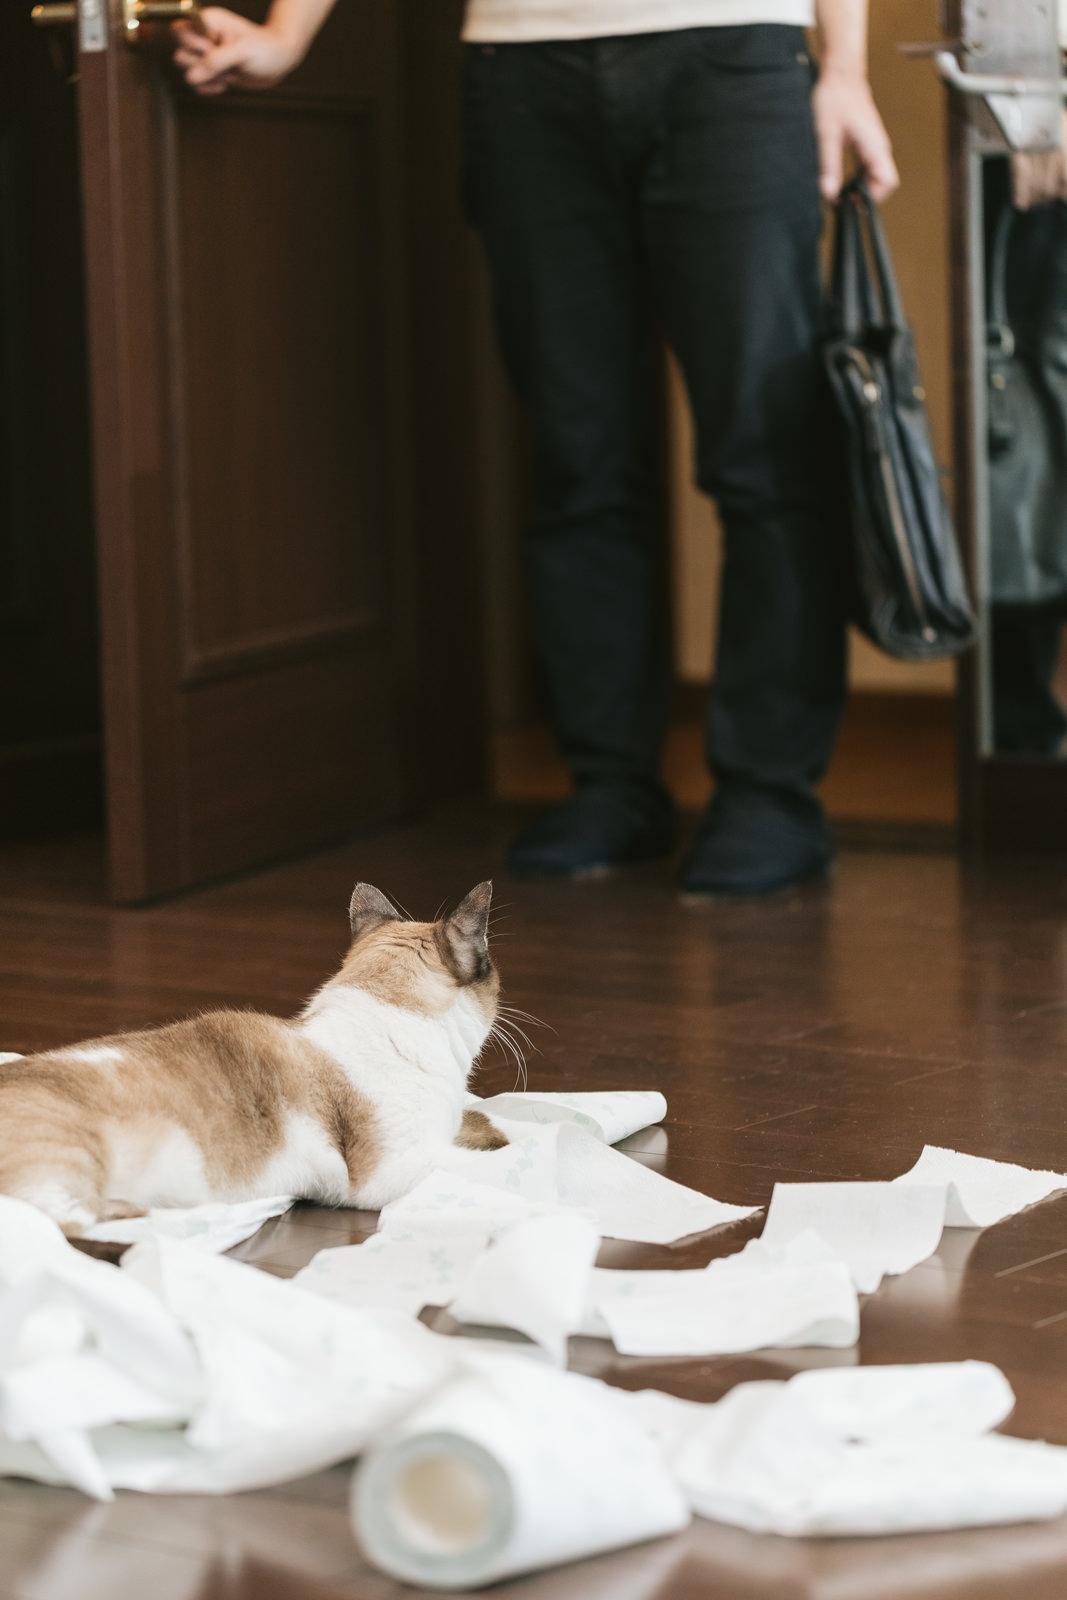 帰宅したら猫がティッシュでいたずらしていた帰宅したら猫がティッシュでいたずらしていた